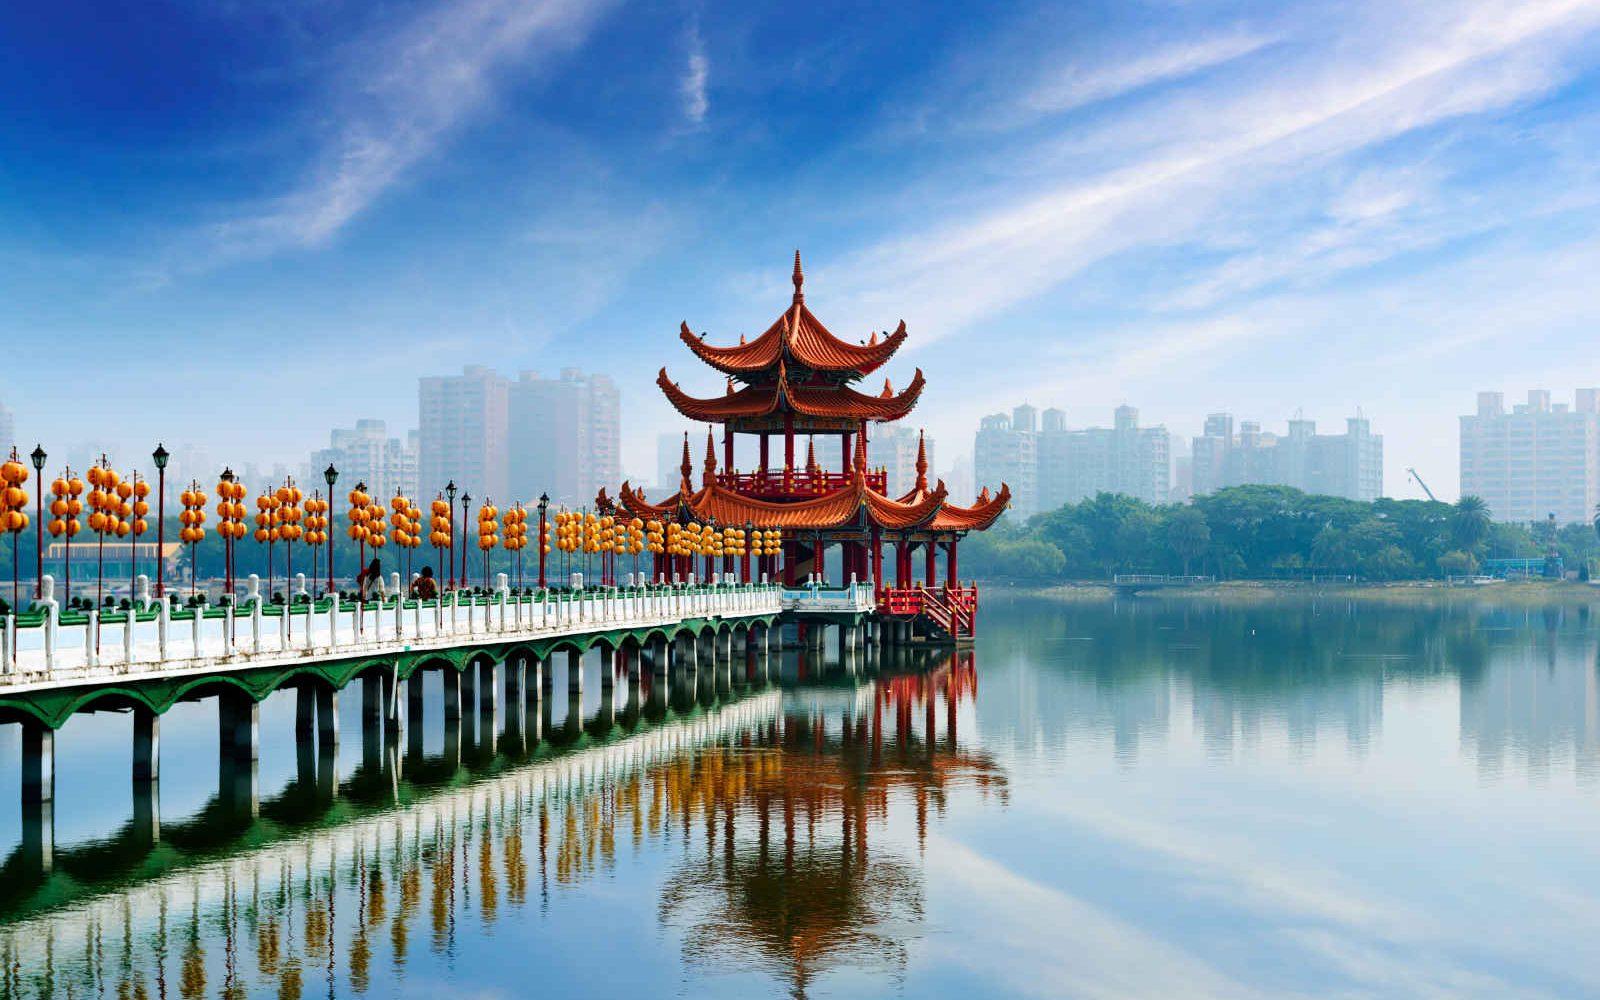 Jetée et pagode sur l'eau à Kaohsiung, Taïwan